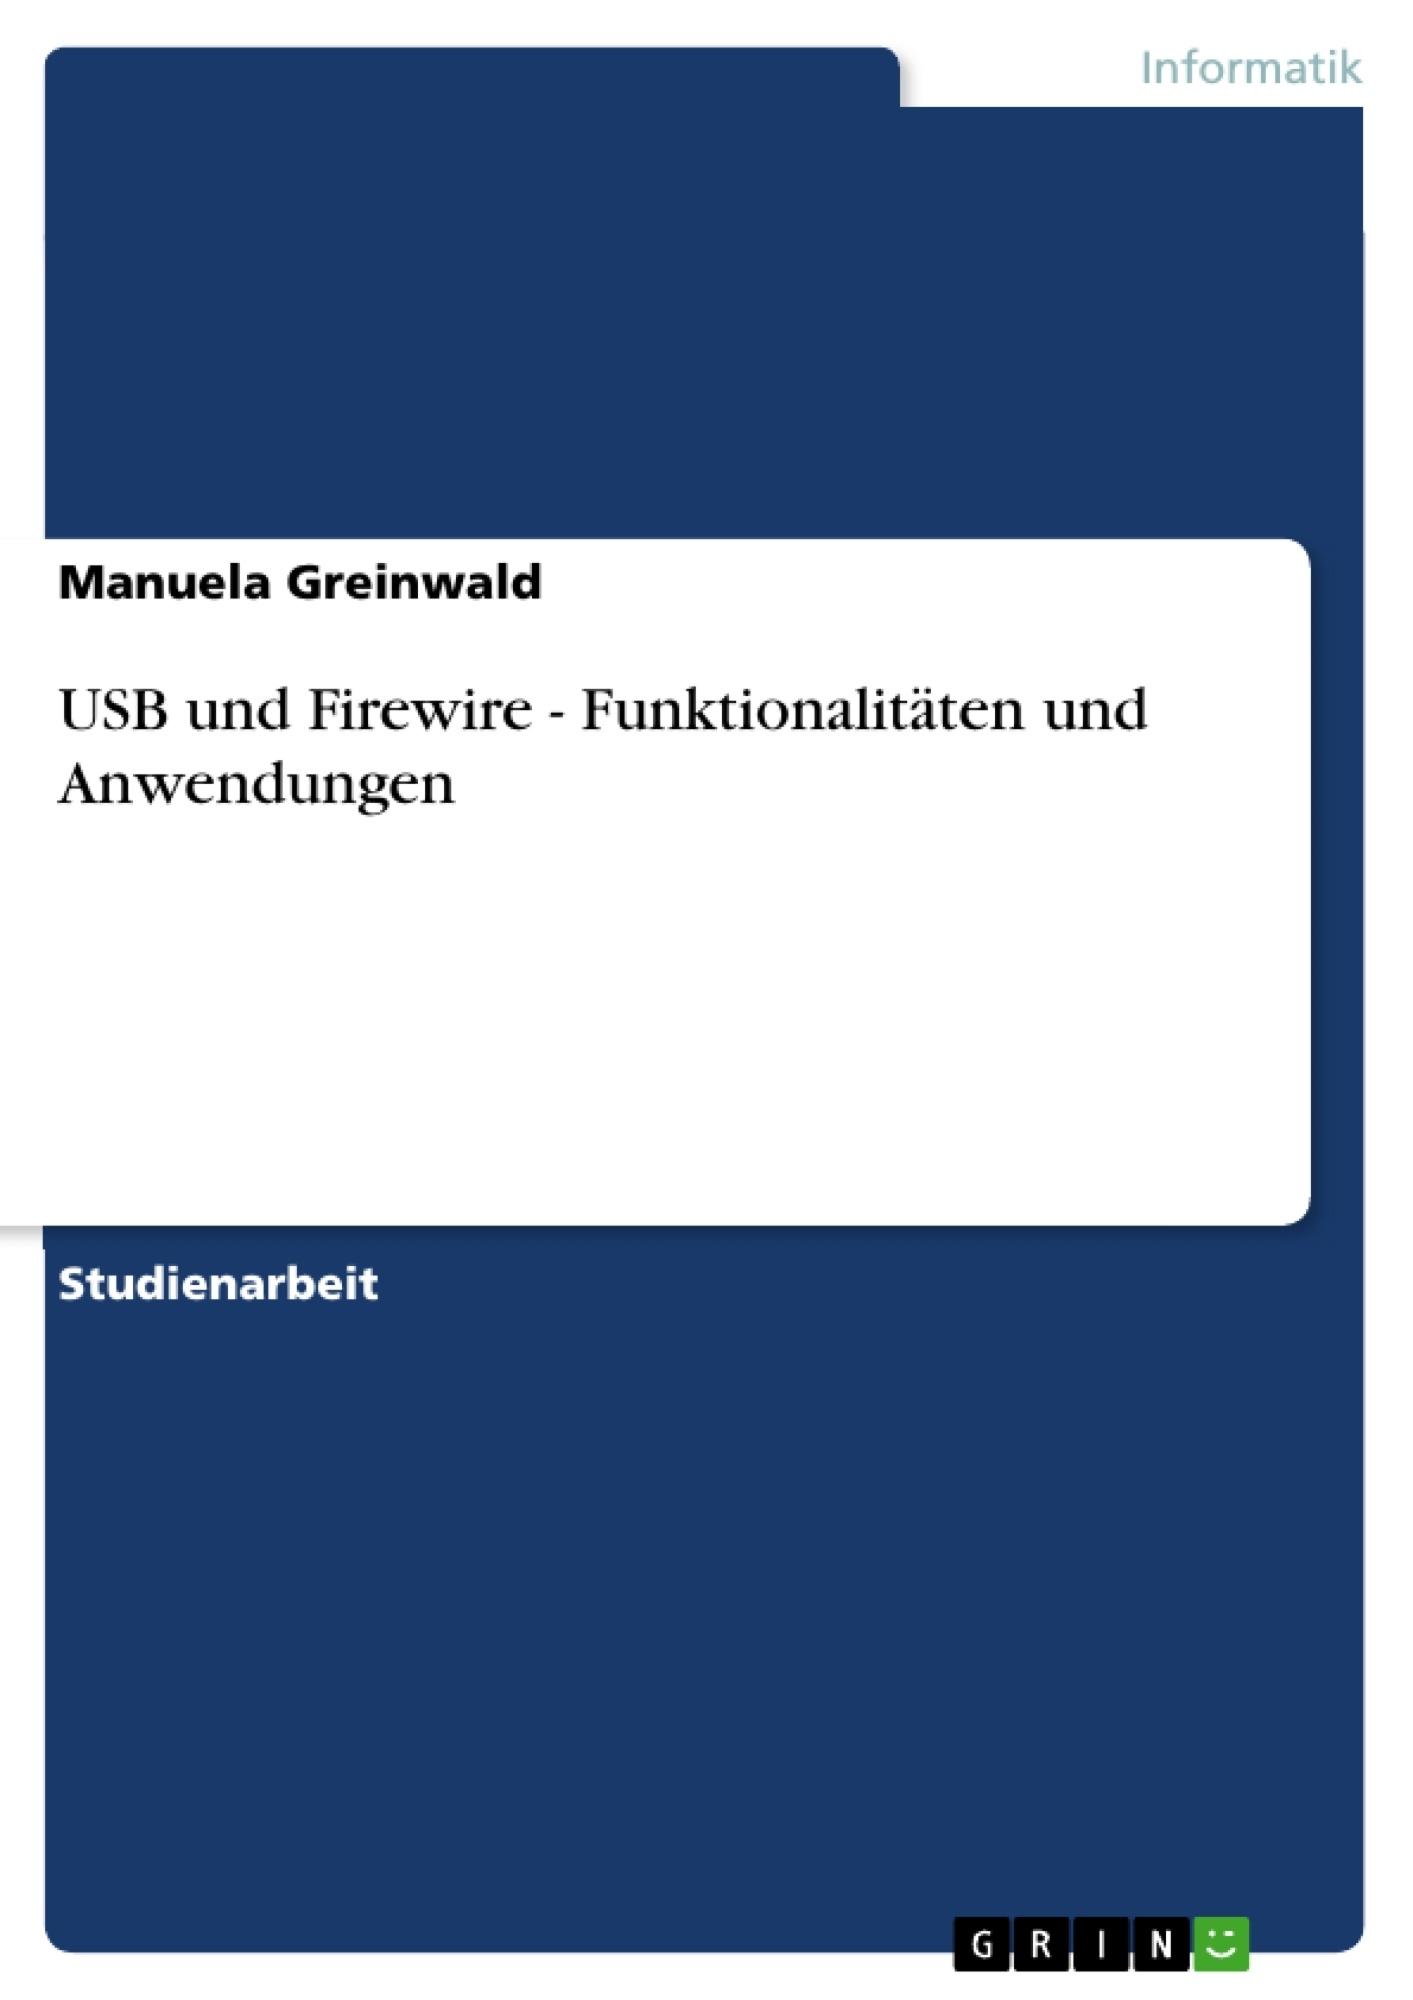 Titel: USB und Firewire - Funktionalitäten und Anwendungen